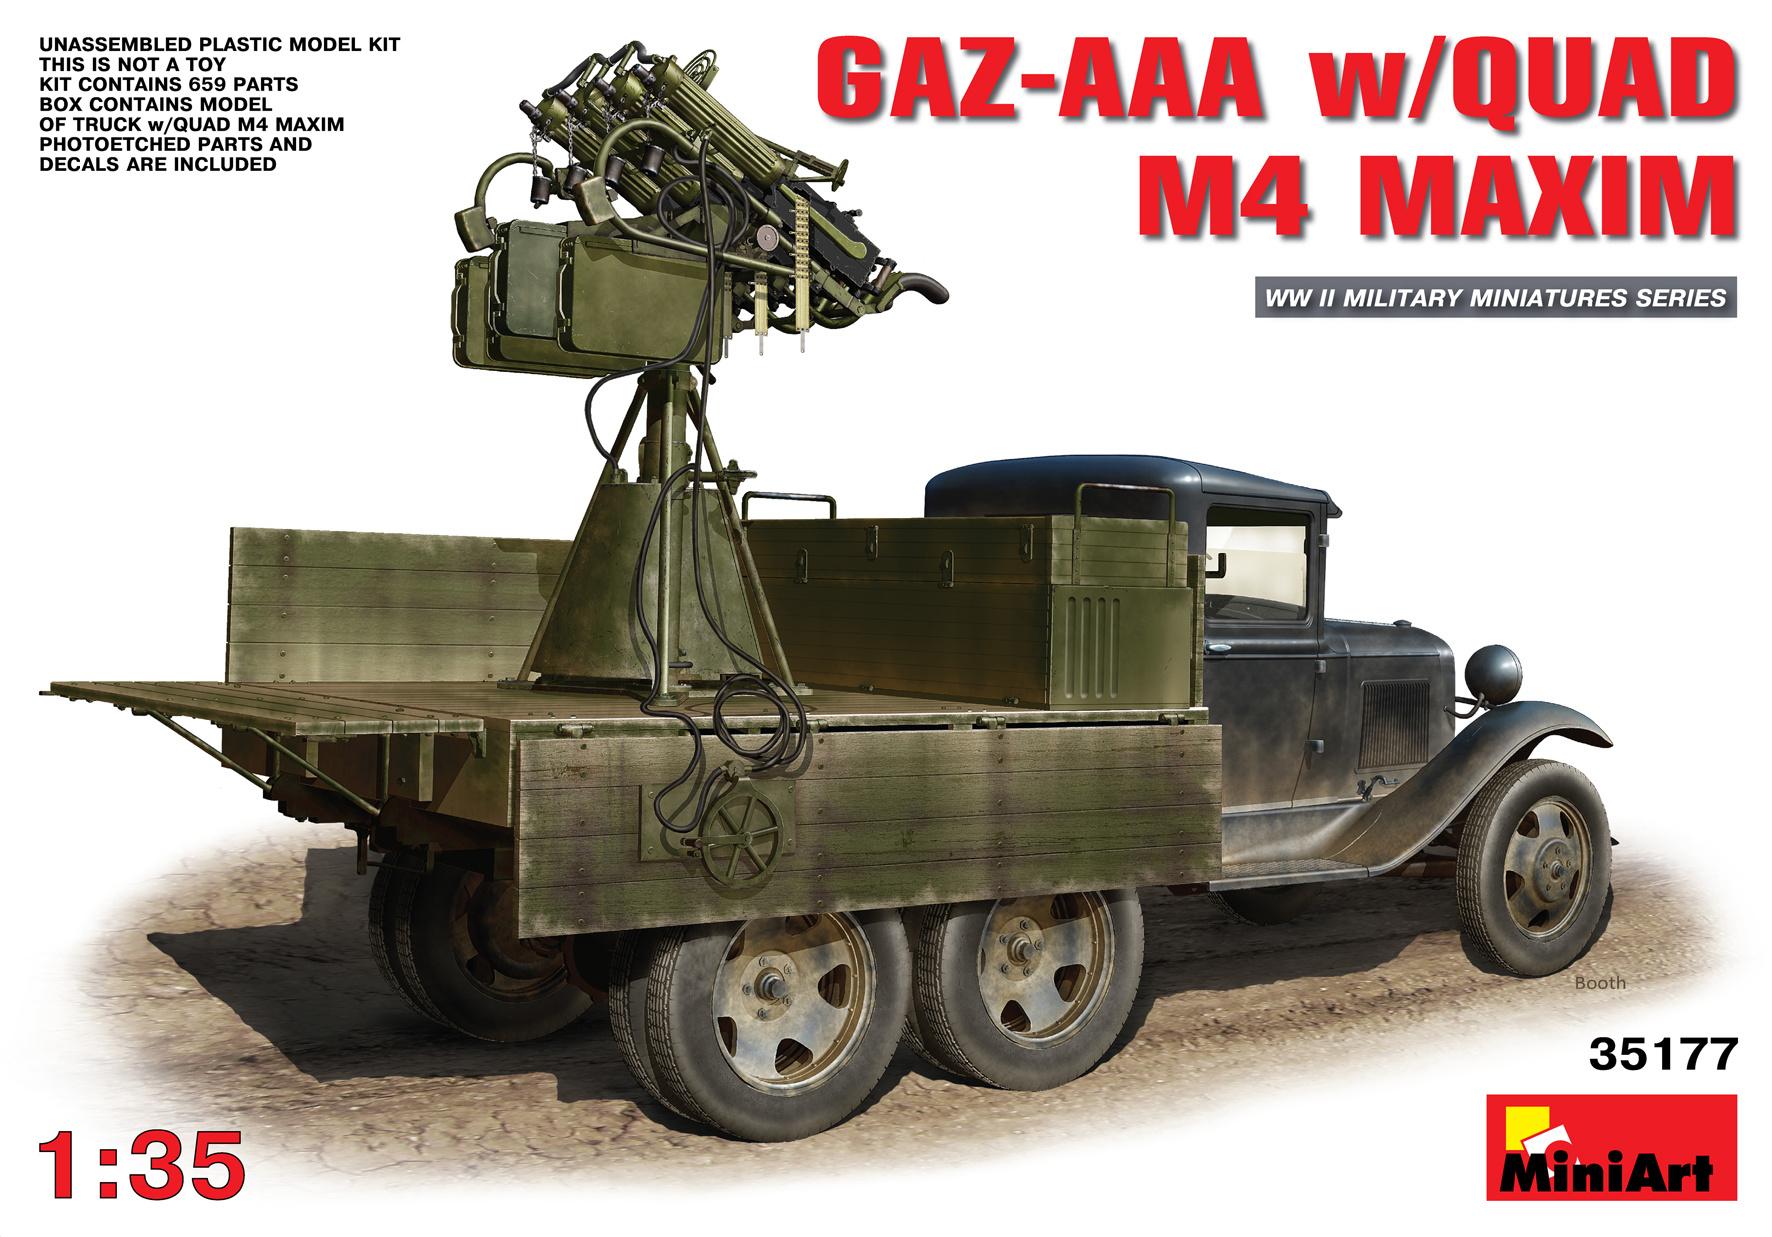 MiniArt Gaz-Aaa With Quad M-4 Maxim - Scale 1/35 - Mini Art - MIT35177